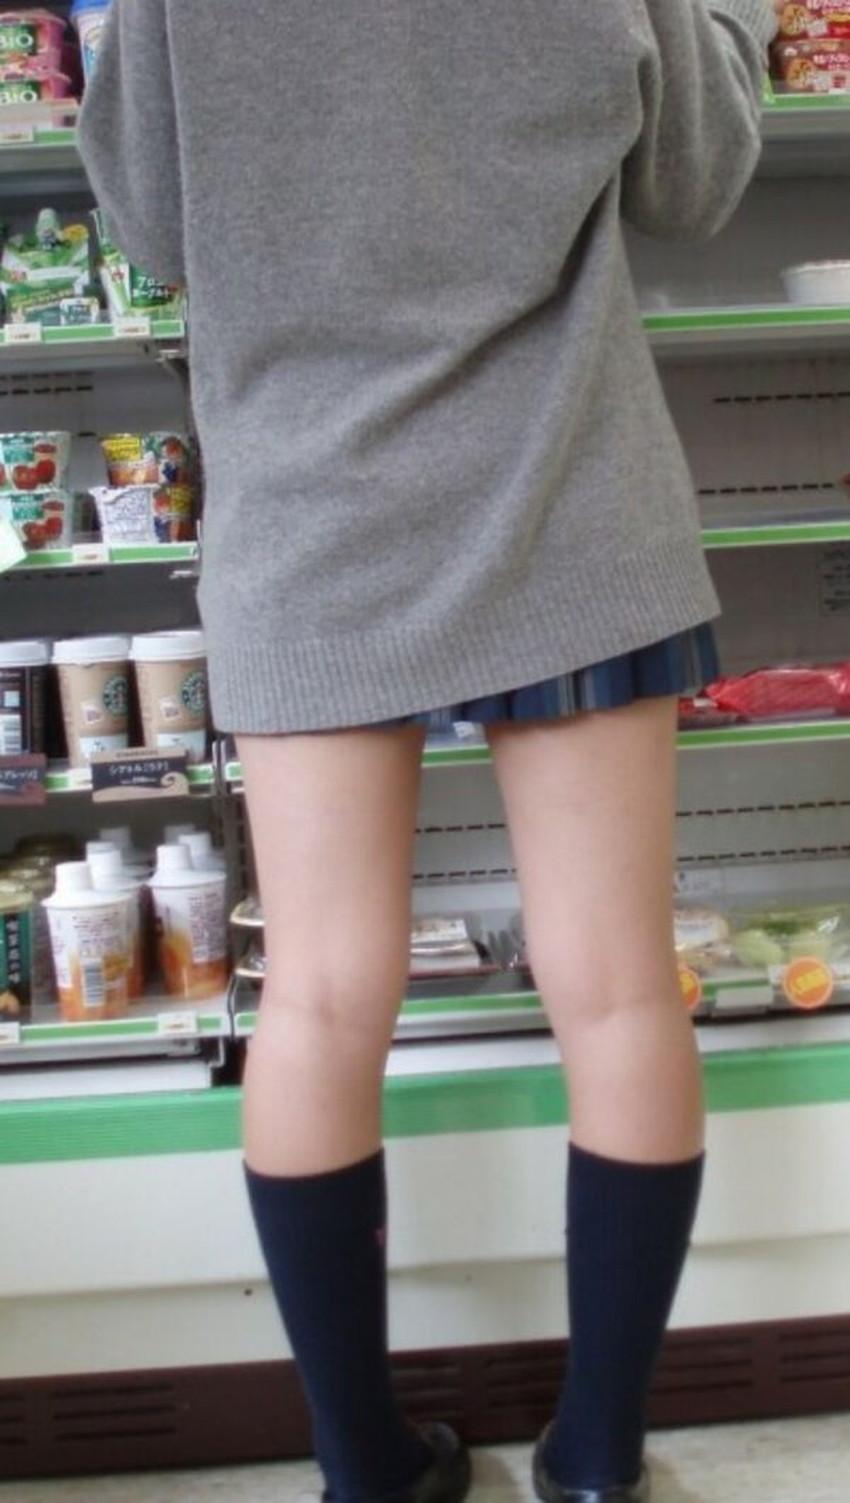 【生足エロ画像】ショーパンやミニスカの生足女子の美脚やパンチラ、ハミケツが最高過ぎる生足のエロ画像集!ww【80枚】 33